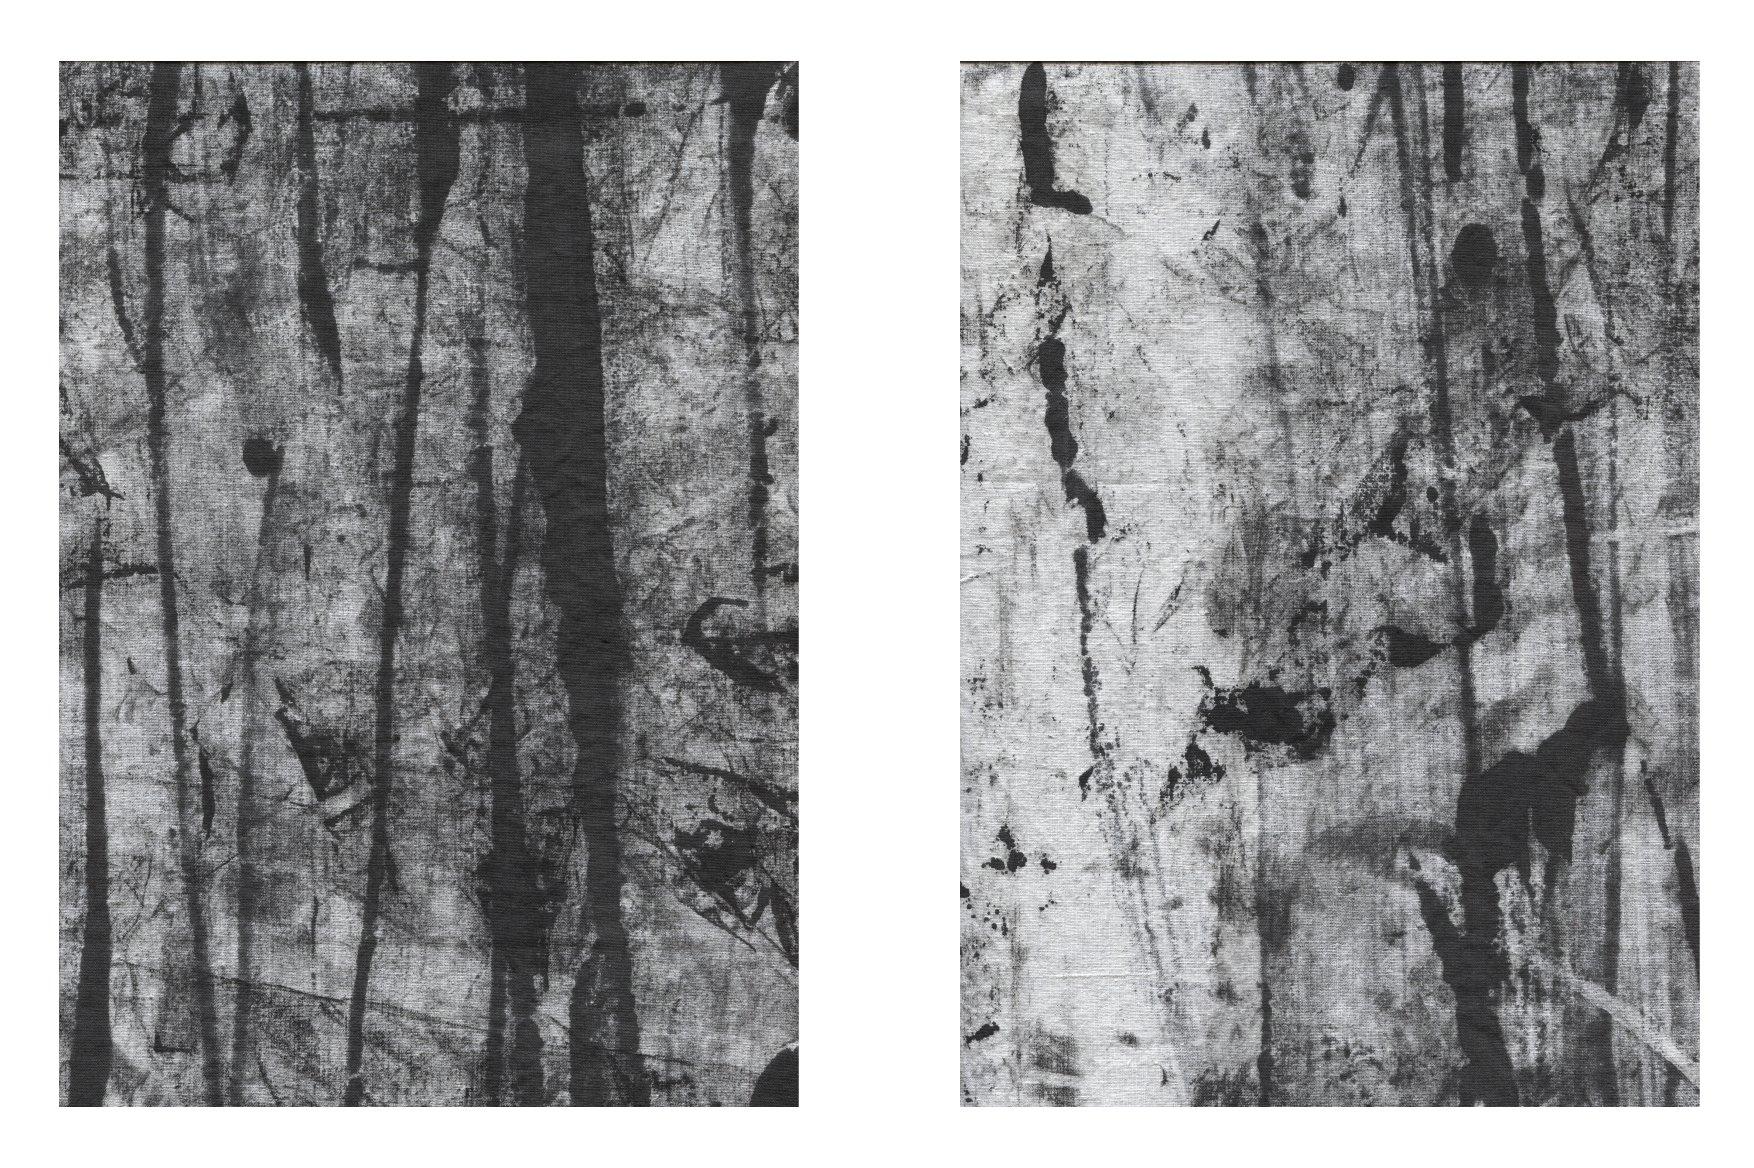 156款复古做旧折痕磨损褶皱纸张背景纹理素材合集 The Grunge Texture Bundle Vol. 1插图(3)